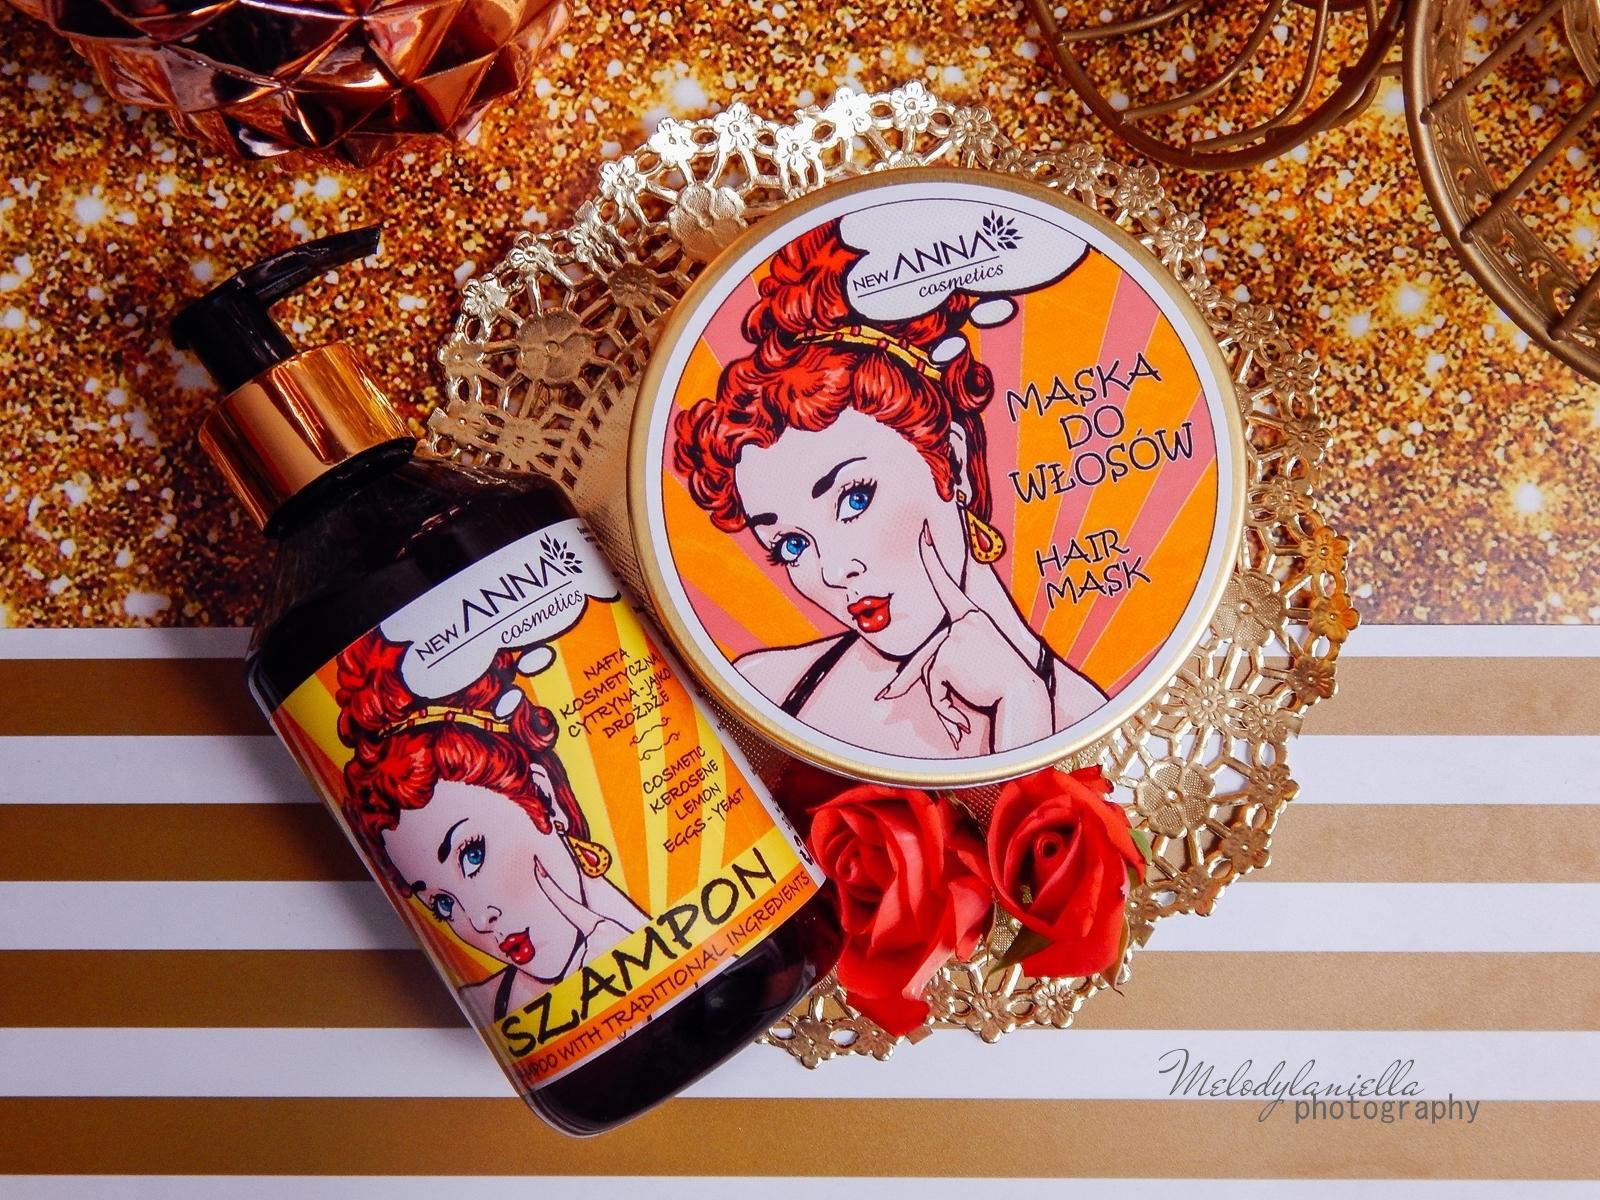 3 new anna cosmetics szampon z naftą kosmetyczną cytryną jajkiem i drożdżami maska do włosów z naftą kosmetyczną opinie recenzje szapon do włosow przetłuszczających się maska do włosów tłustych odrzywka-2